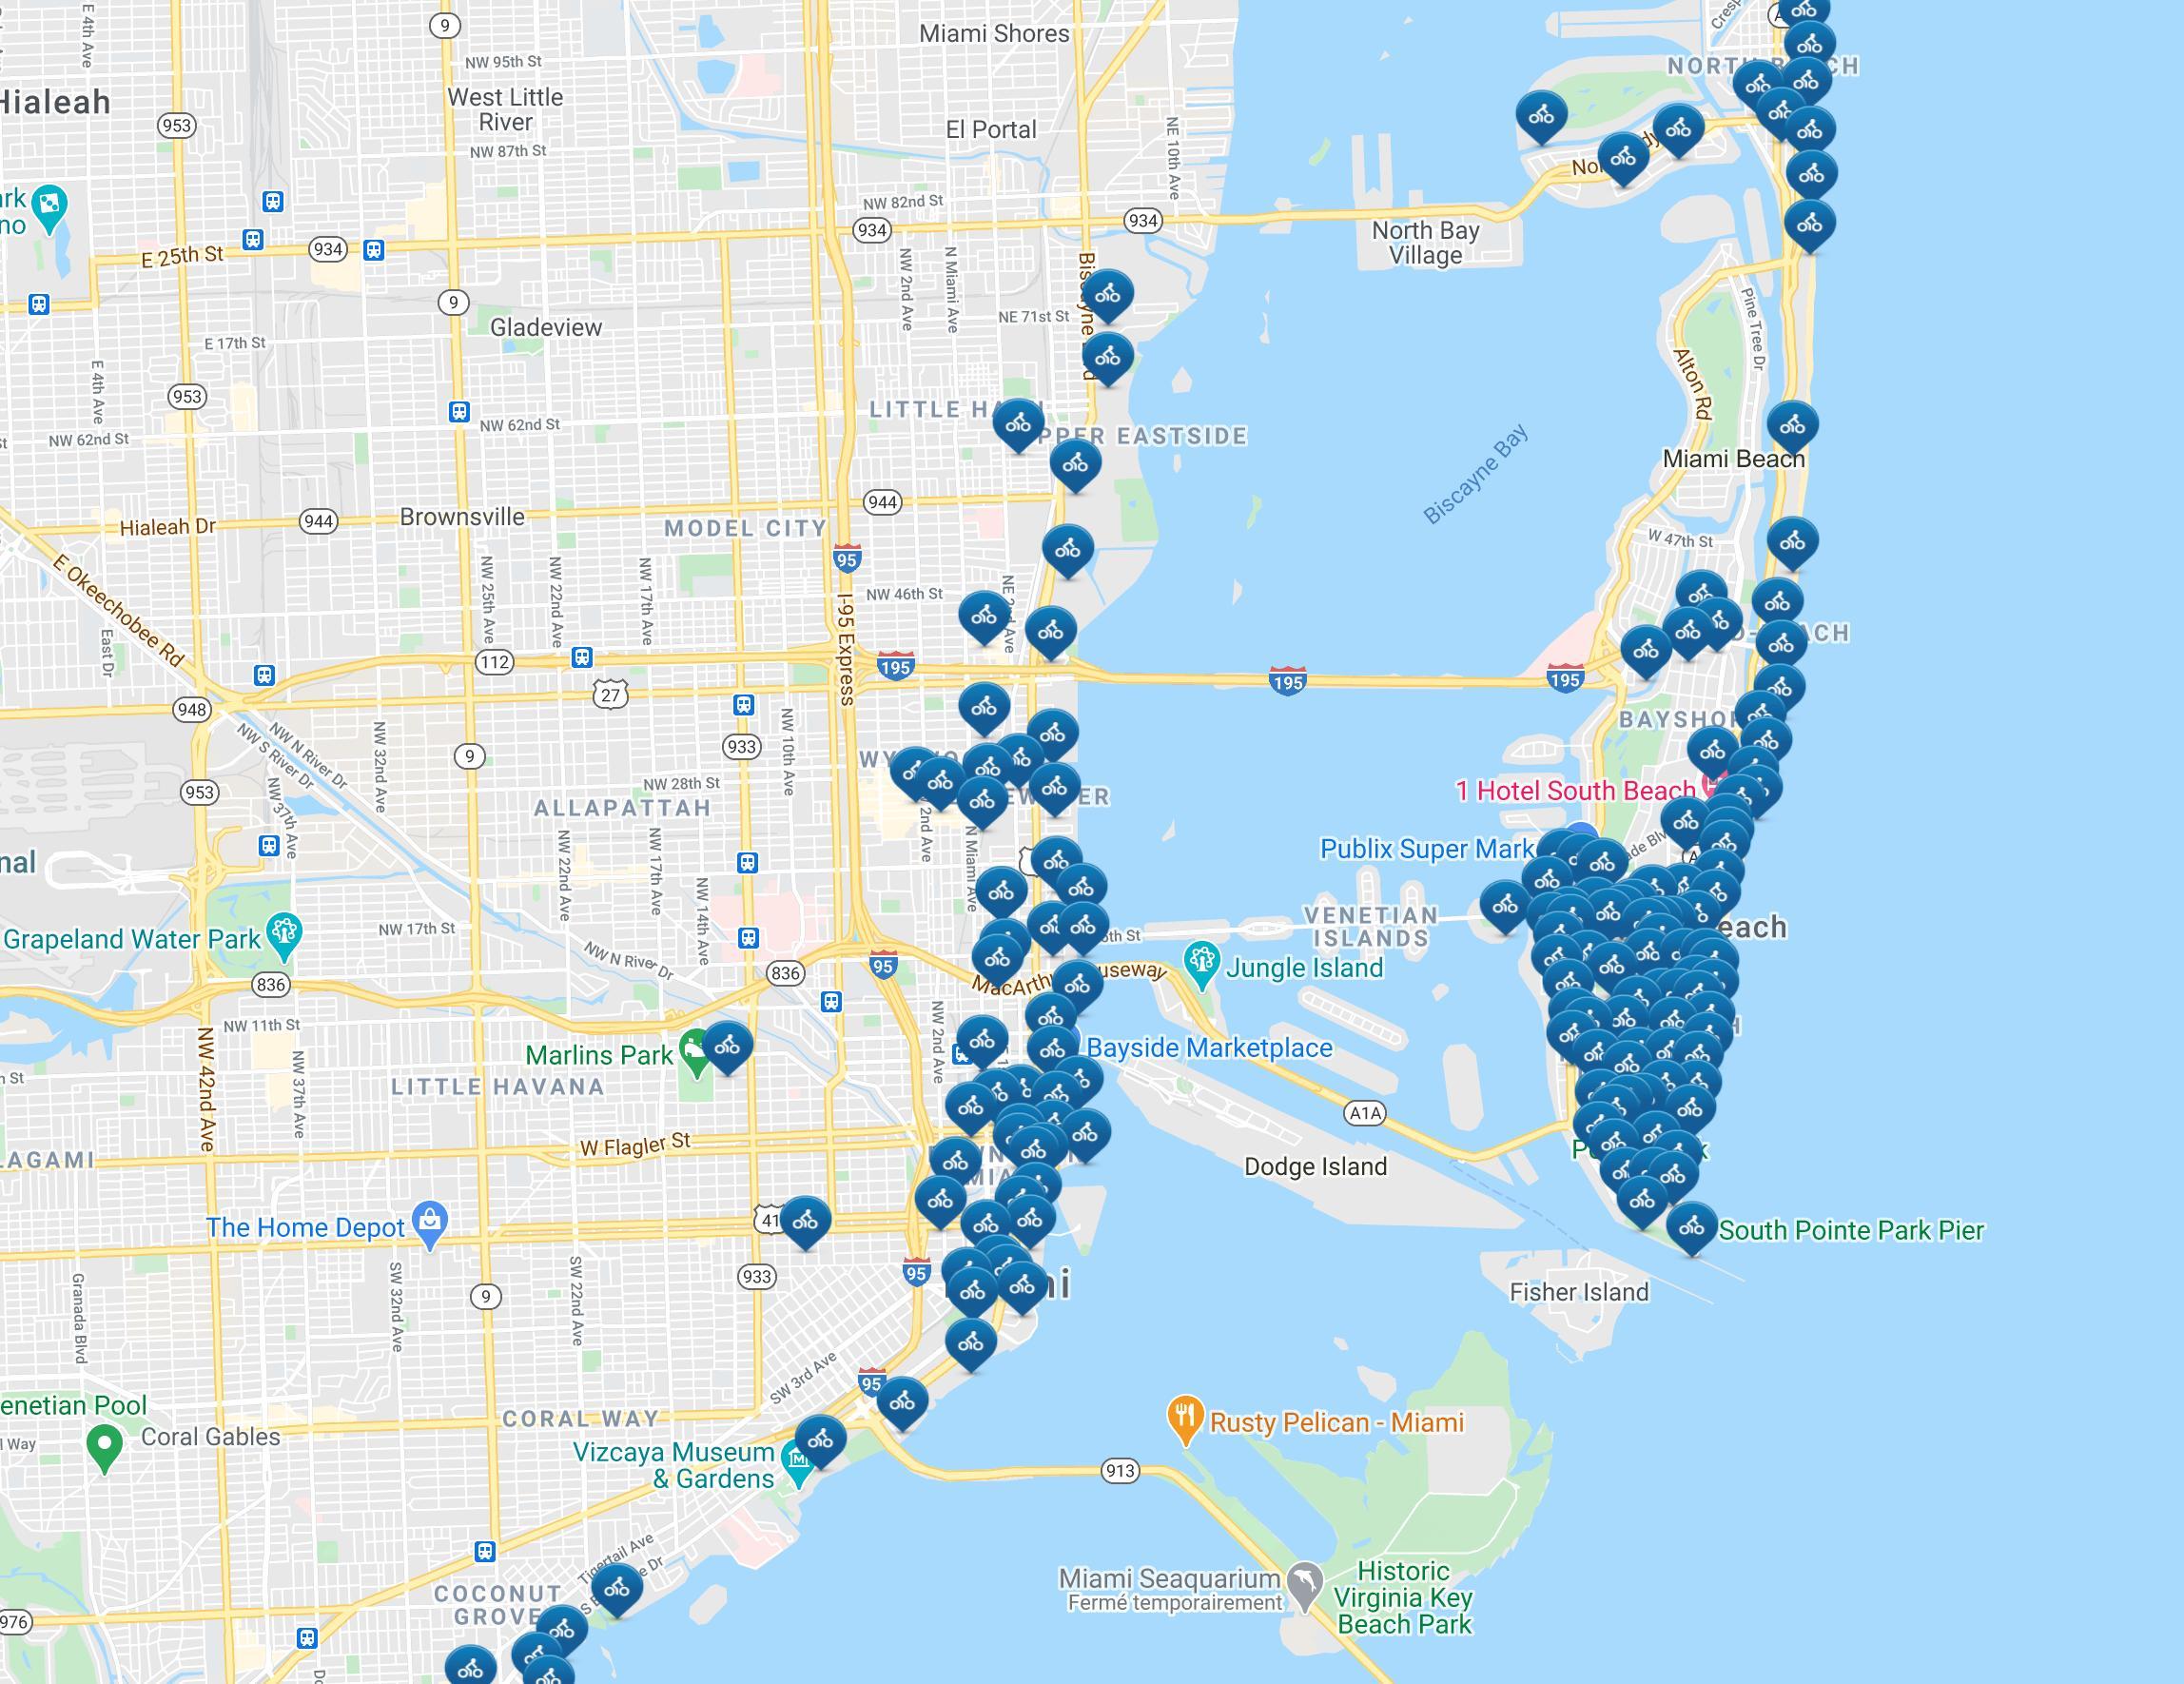 laste ned kart Citi sykkel Miami kart   Miami citi sykkel kart (Florida   USA) laste ned kart